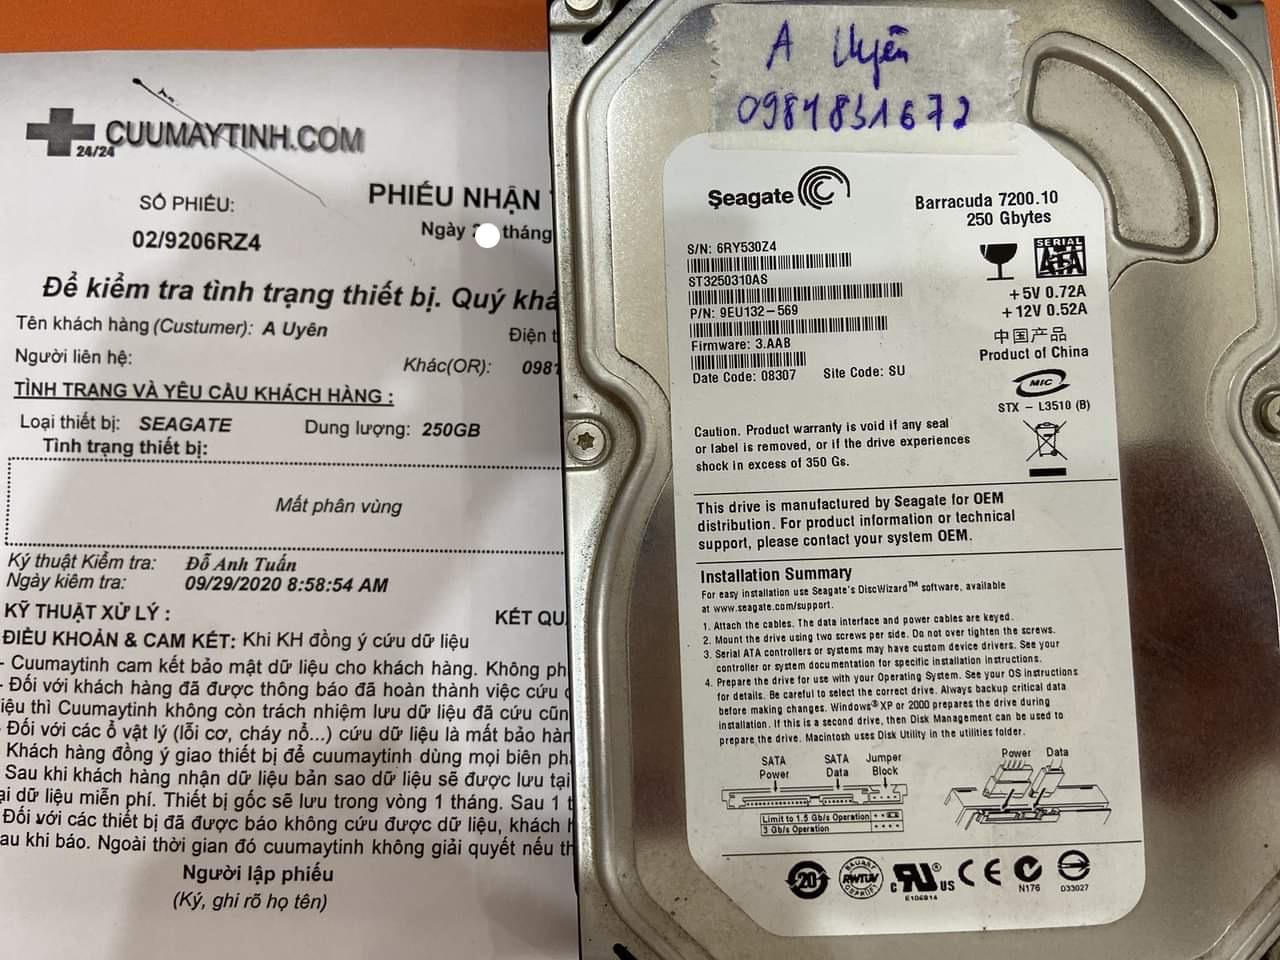 Phục hồi dữ liệu ổ cứng Seagate 250GB mất phân vùng 30/09/2020 - cuumaytinh